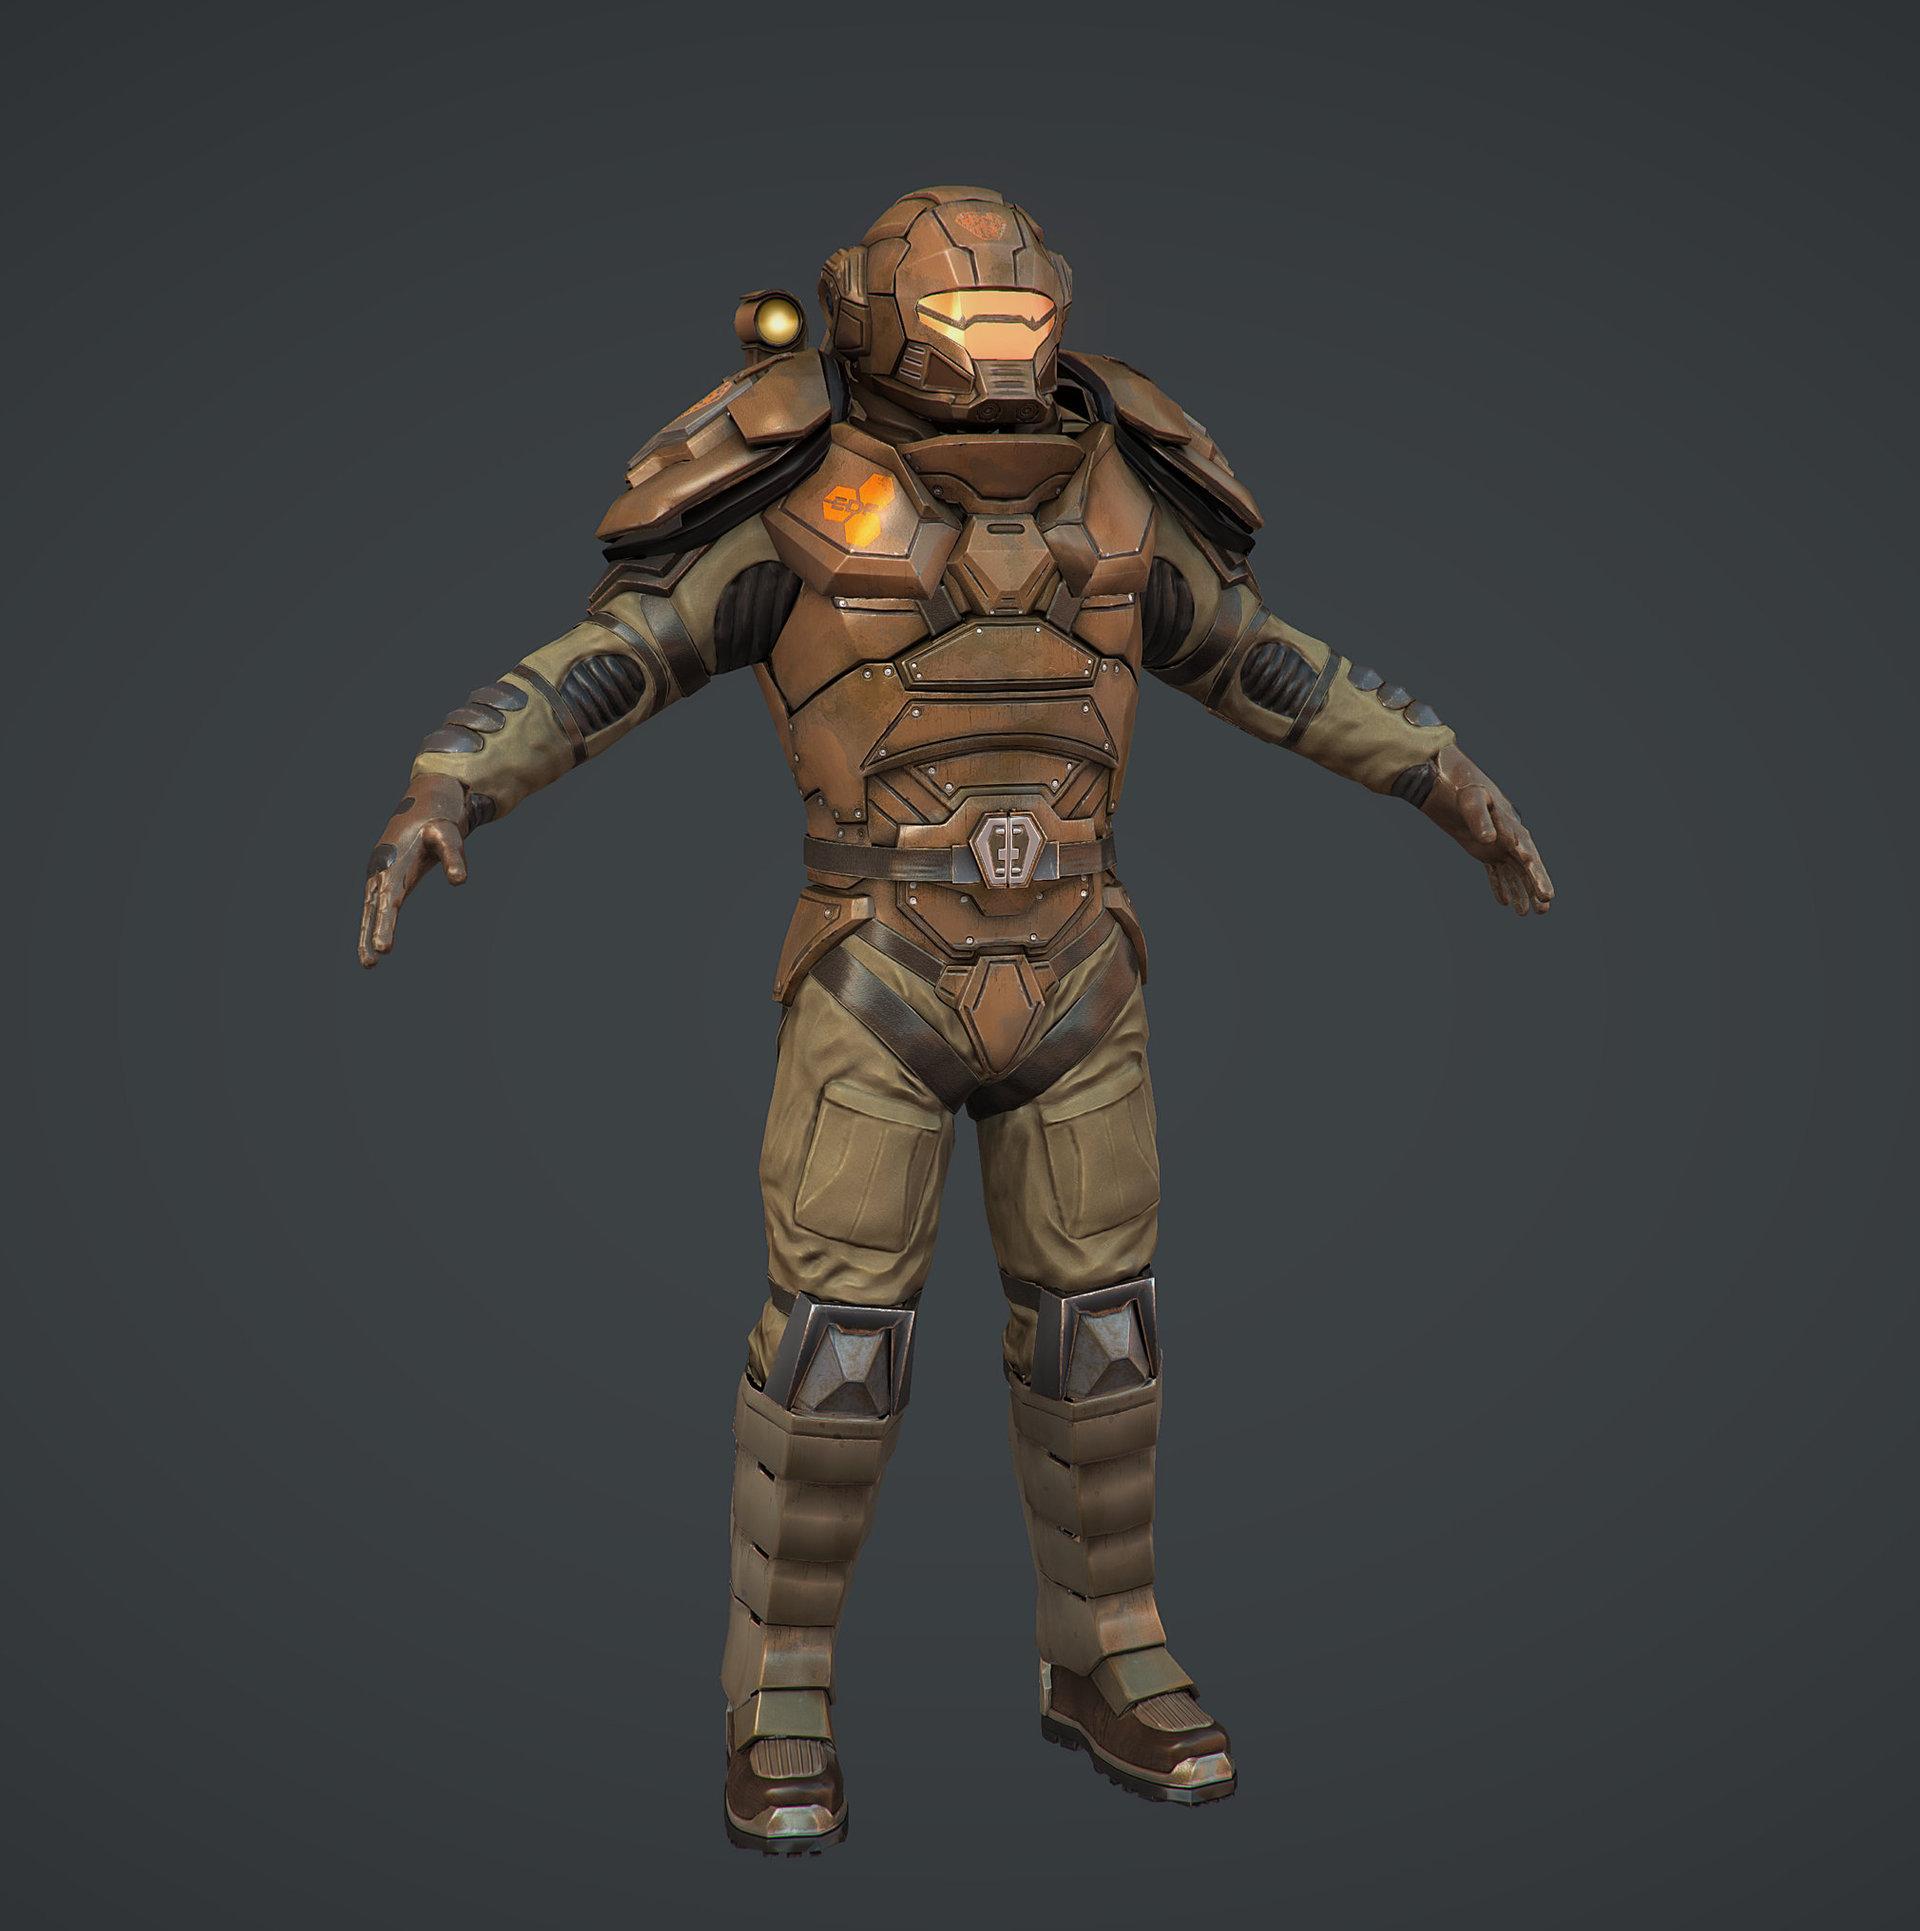 Создание игрового персонажа - Версия для печати - PVSM.RU